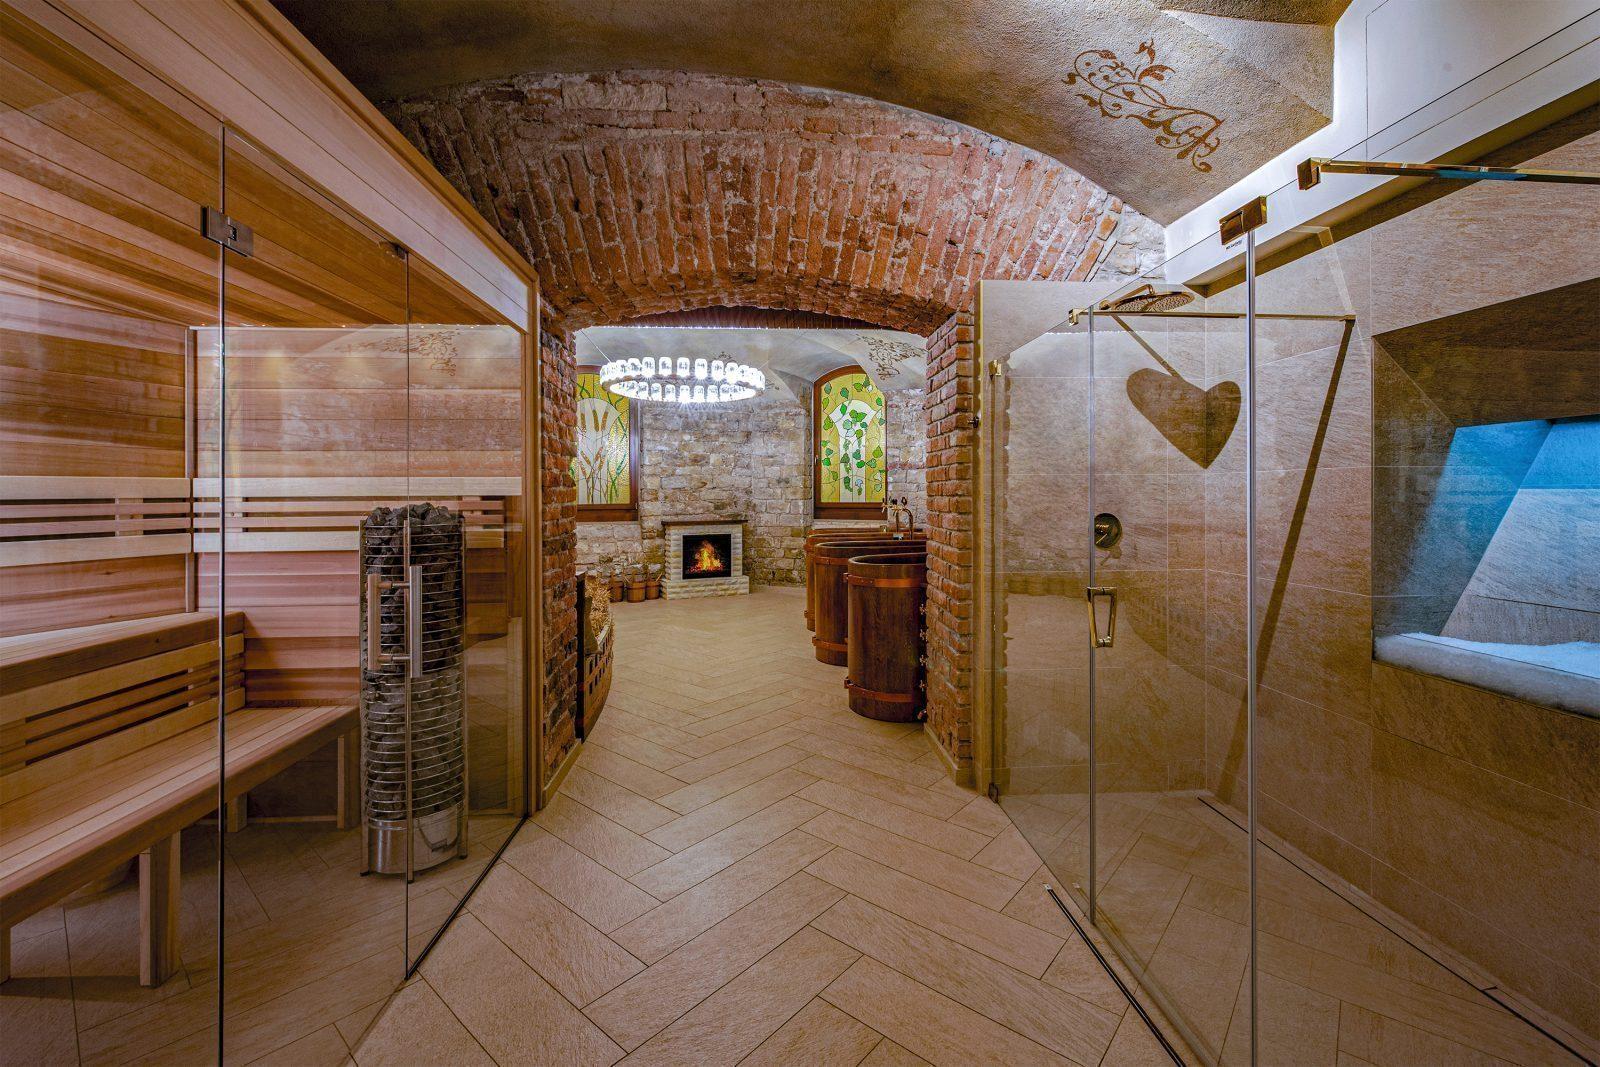 Spa Beerland Praha